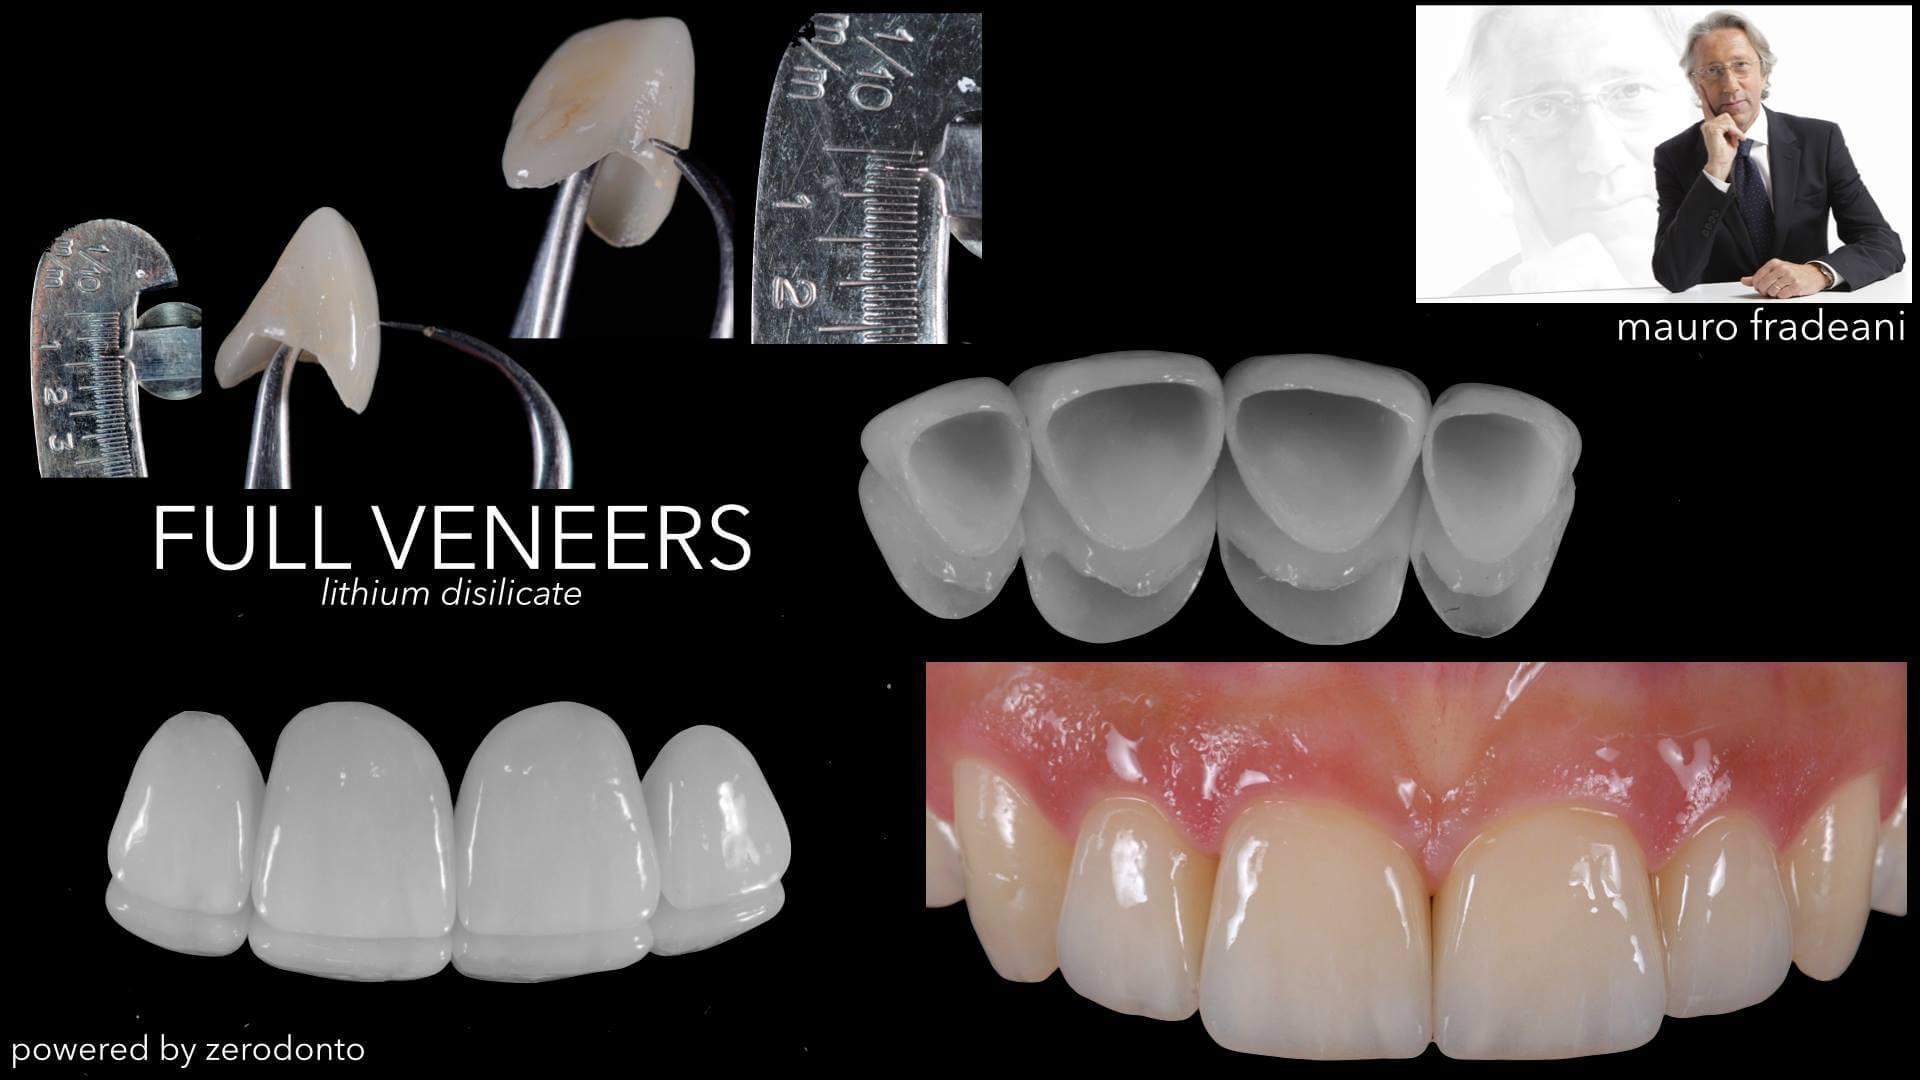 Full Veneers